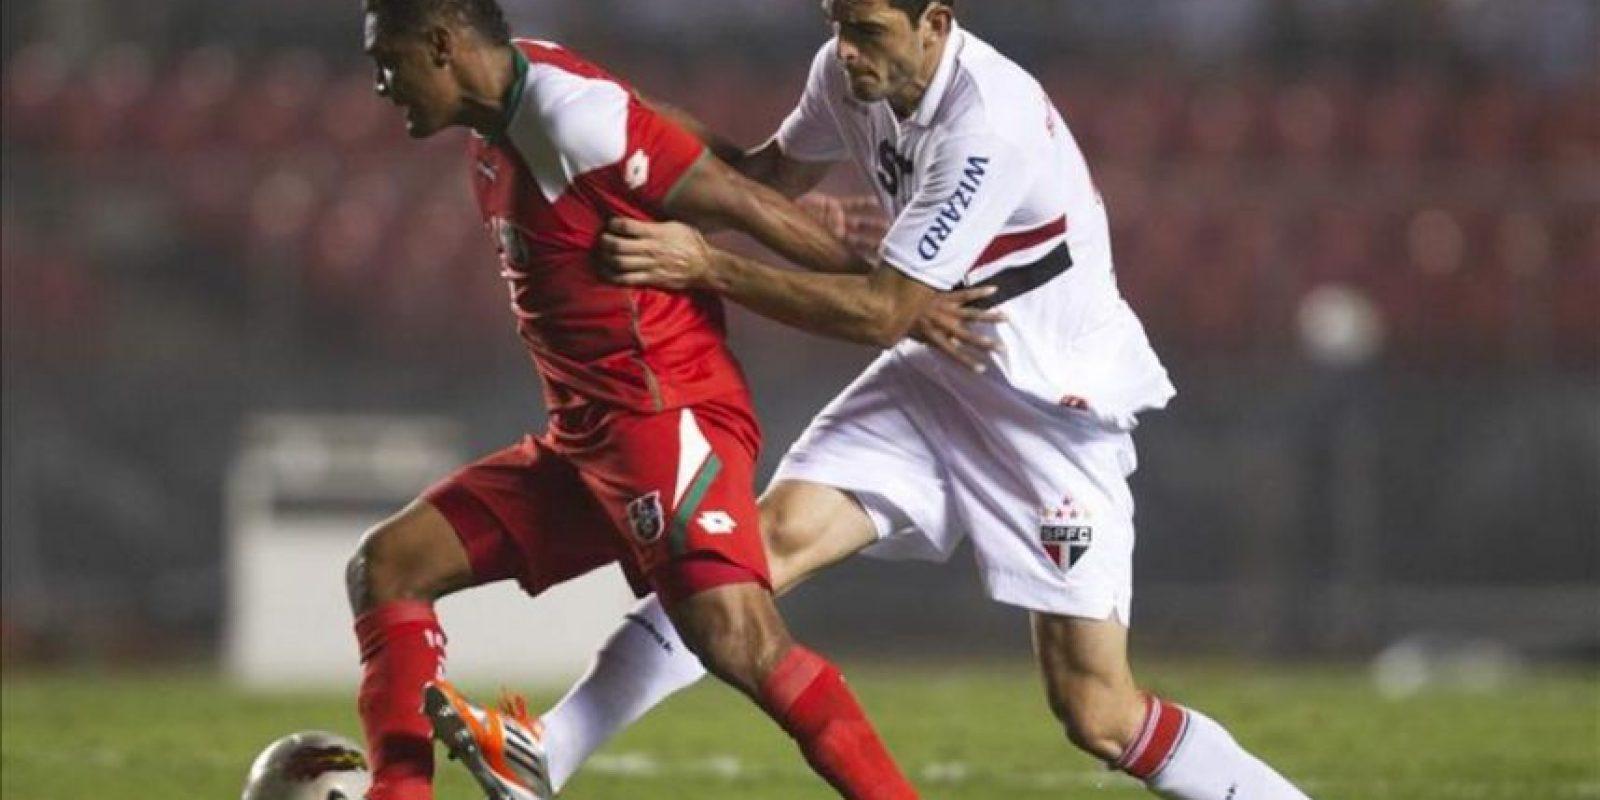 El jugador Fabio Renato (i) de Liga Deportiva Universitaria de Loja lucha por el balón con Rhodolfo (d) de Sao Paulo el pasado 24 de octubre, en un partido por los octavos de final de la Copa Sudamericana, en el estadio de Morumbi en Sao Paulo (Brasil). EFE